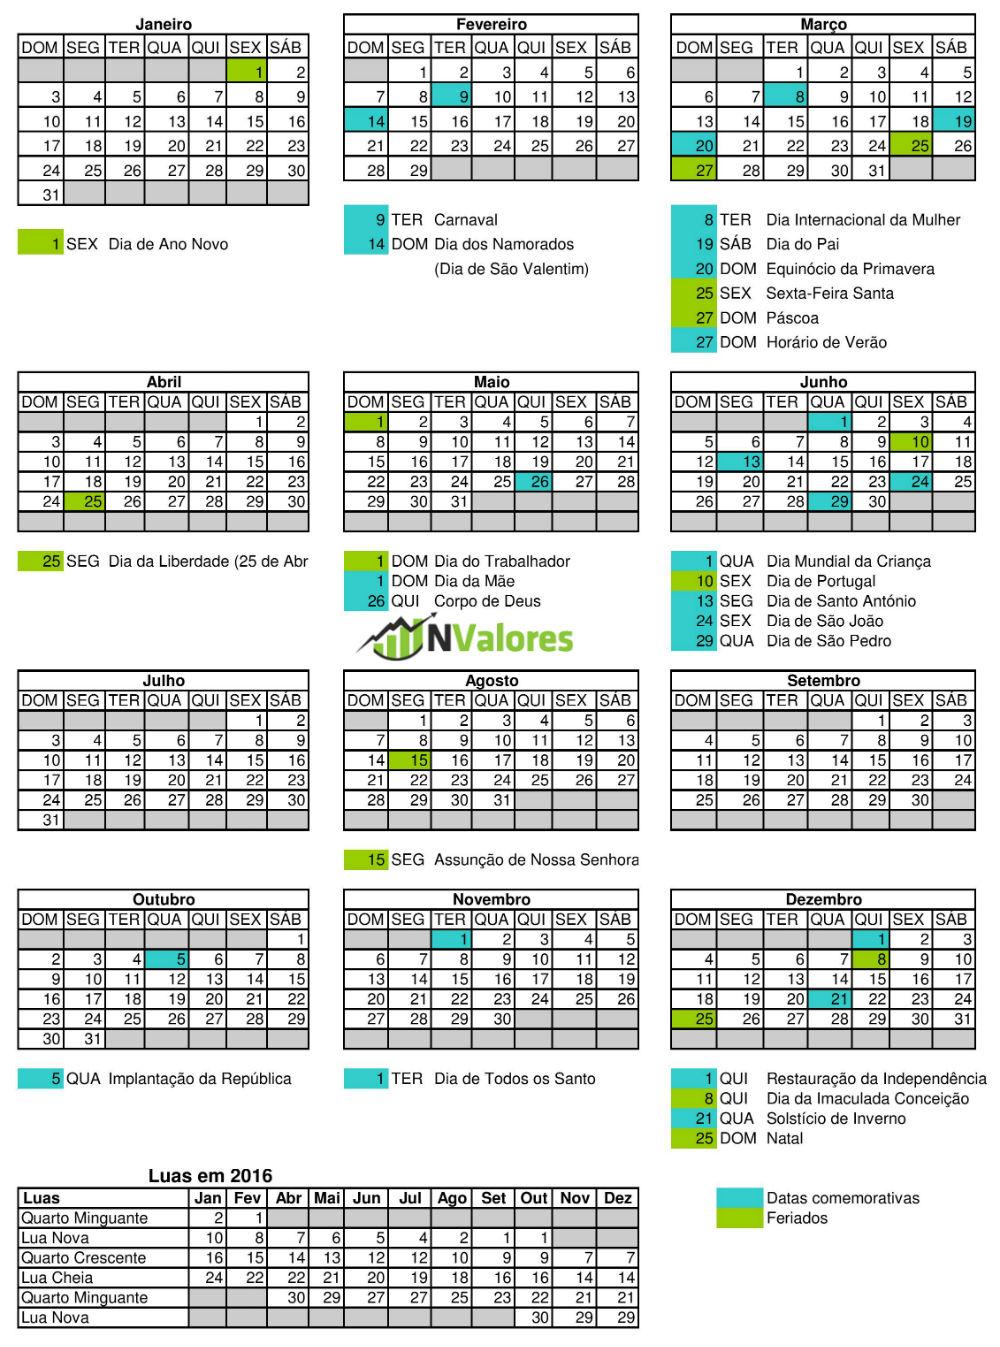 Calendário para 2016 com feriados e datas comemorativas